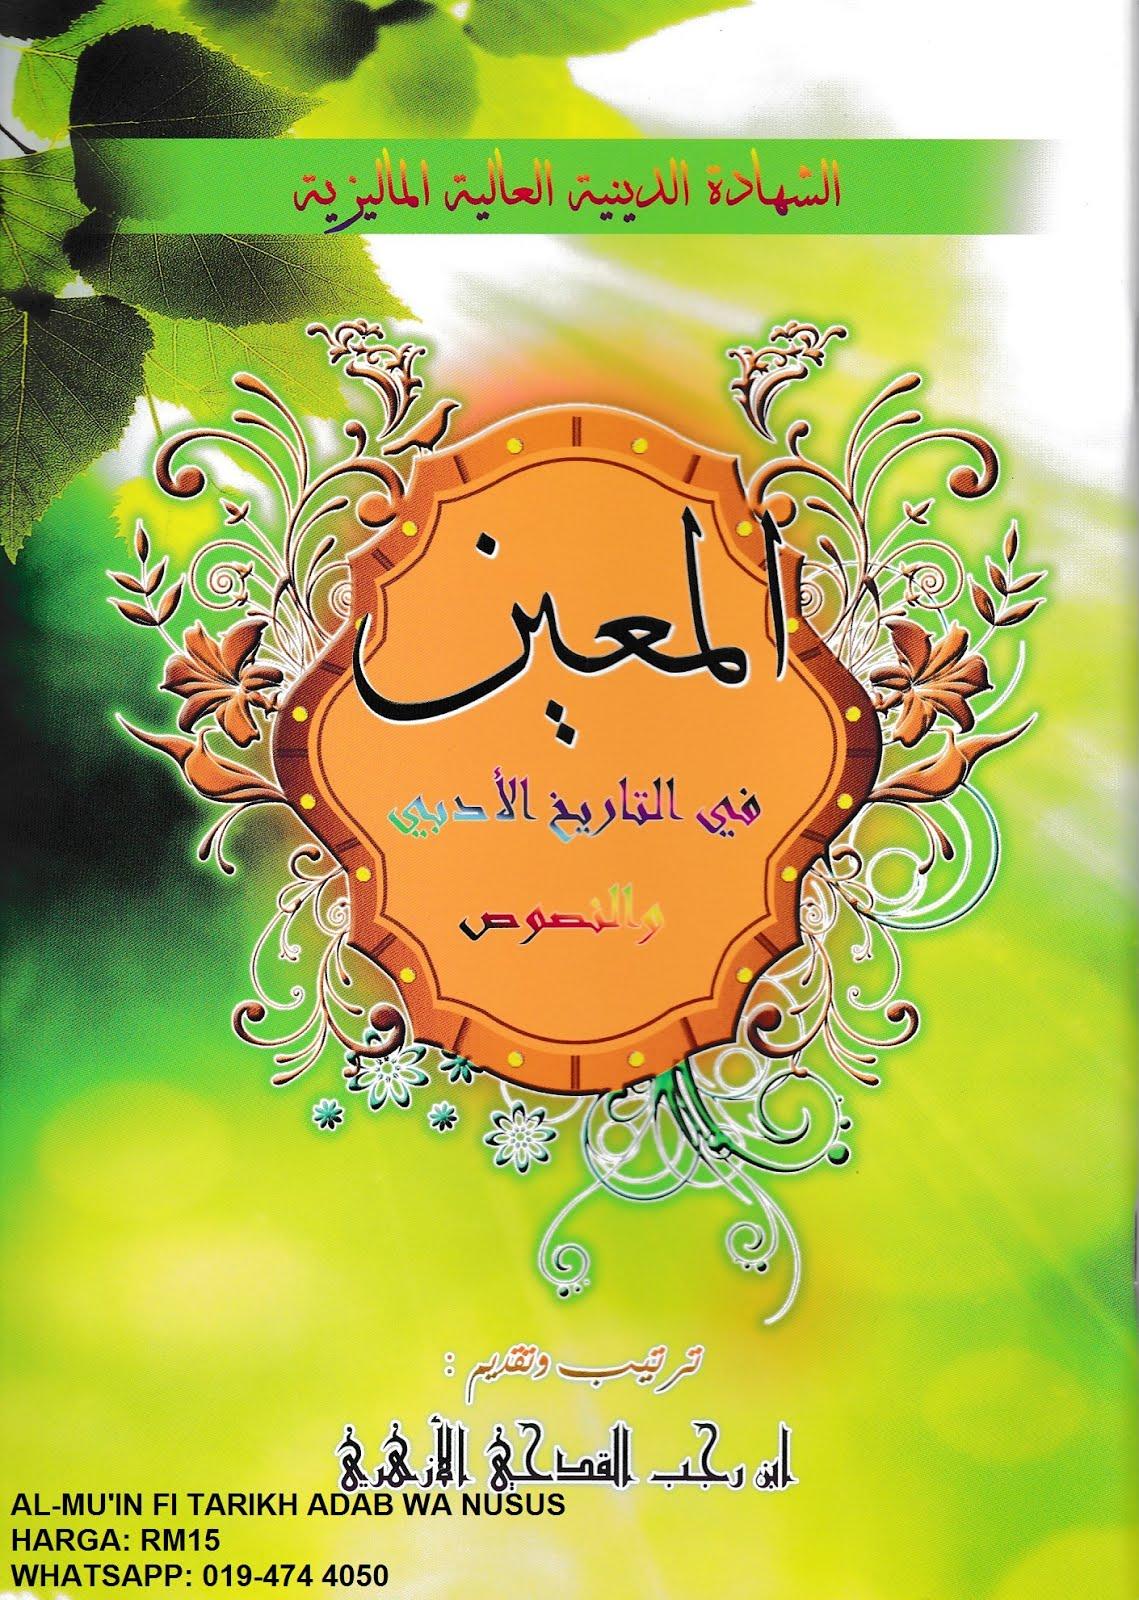 AL-MUIN TARIKH ADAB NUSUS